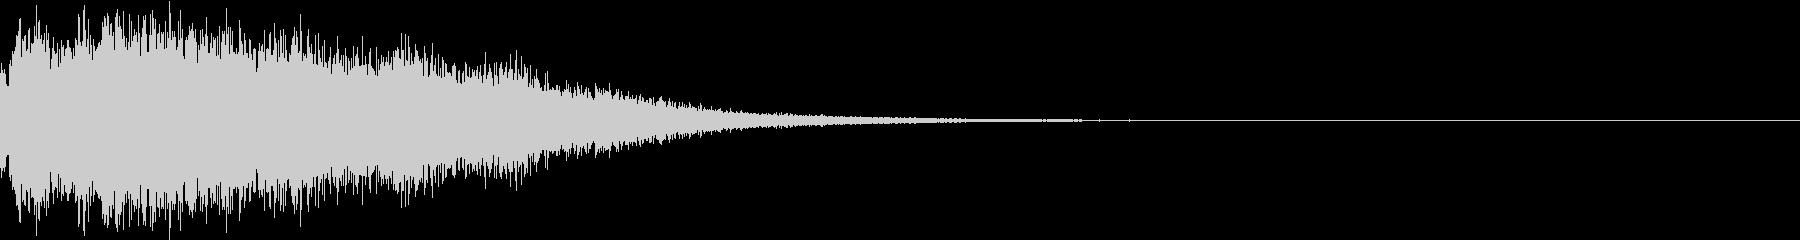 キラキラ 変化 おまじない 魔法 01の未再生の波形